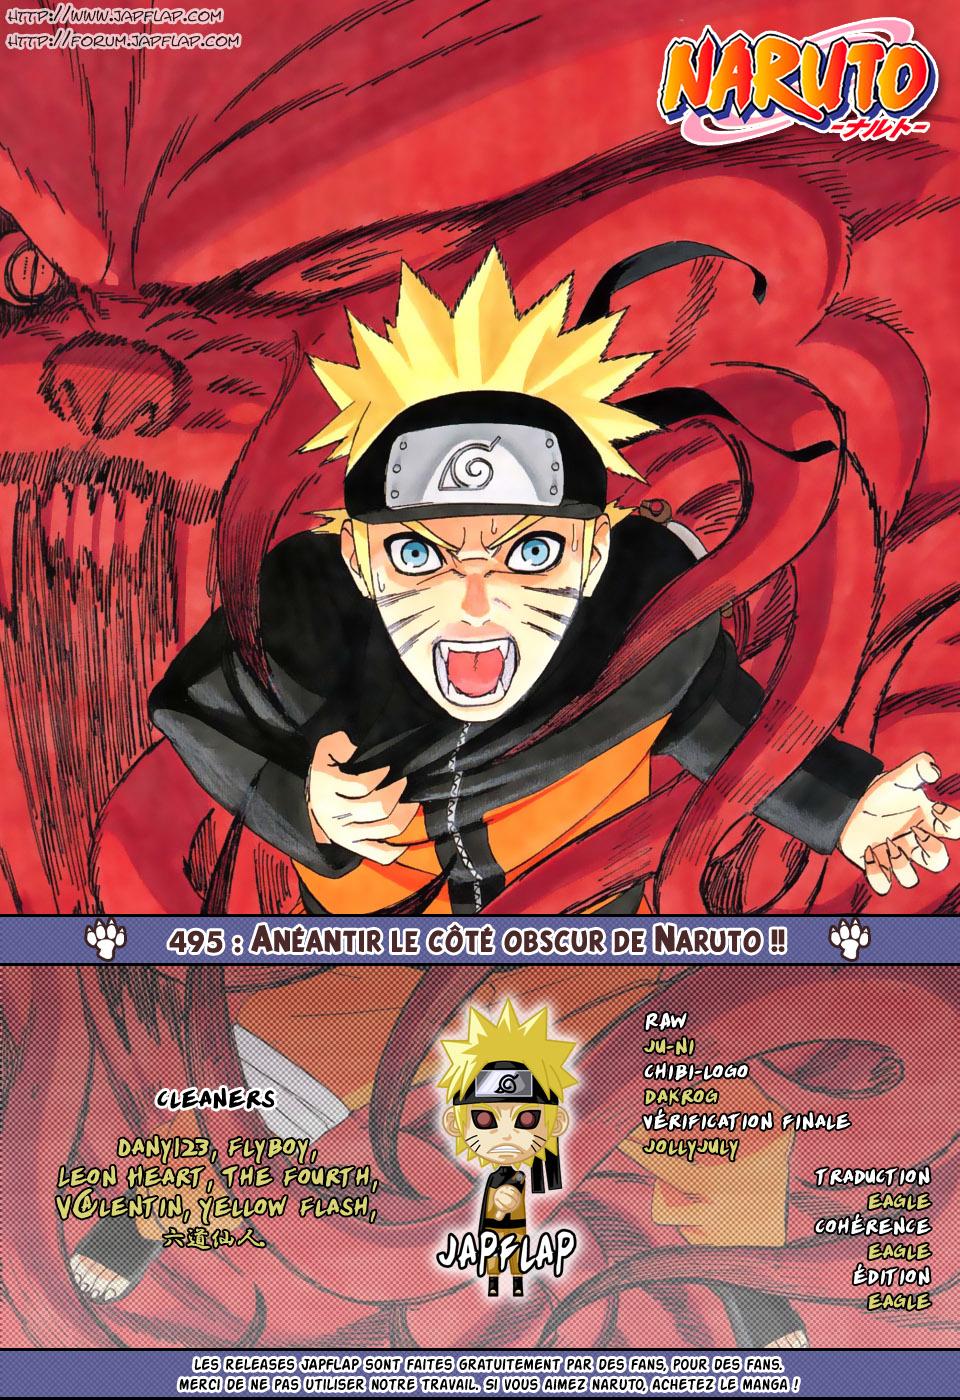 Naruto chapitre 495 - Page 17